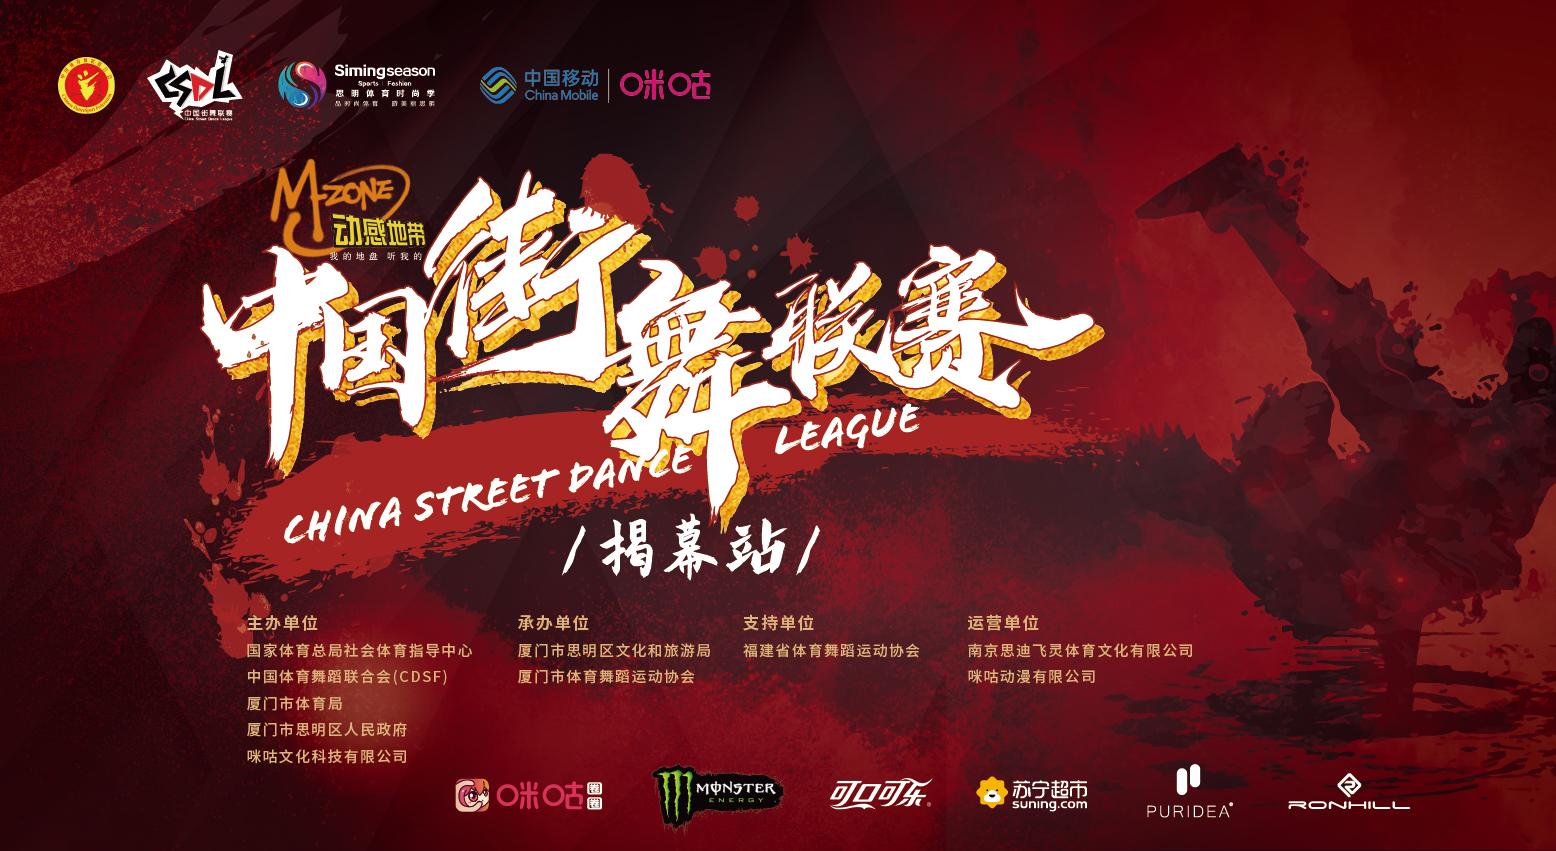 2019-2020年度中国街舞联赛(揭幕站)花絮